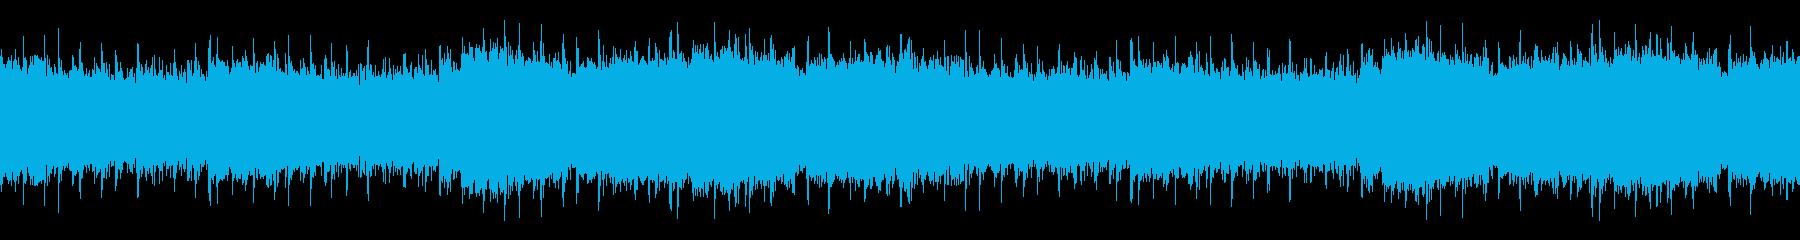 意思を持って前に進むイメージのEDMの再生済みの波形